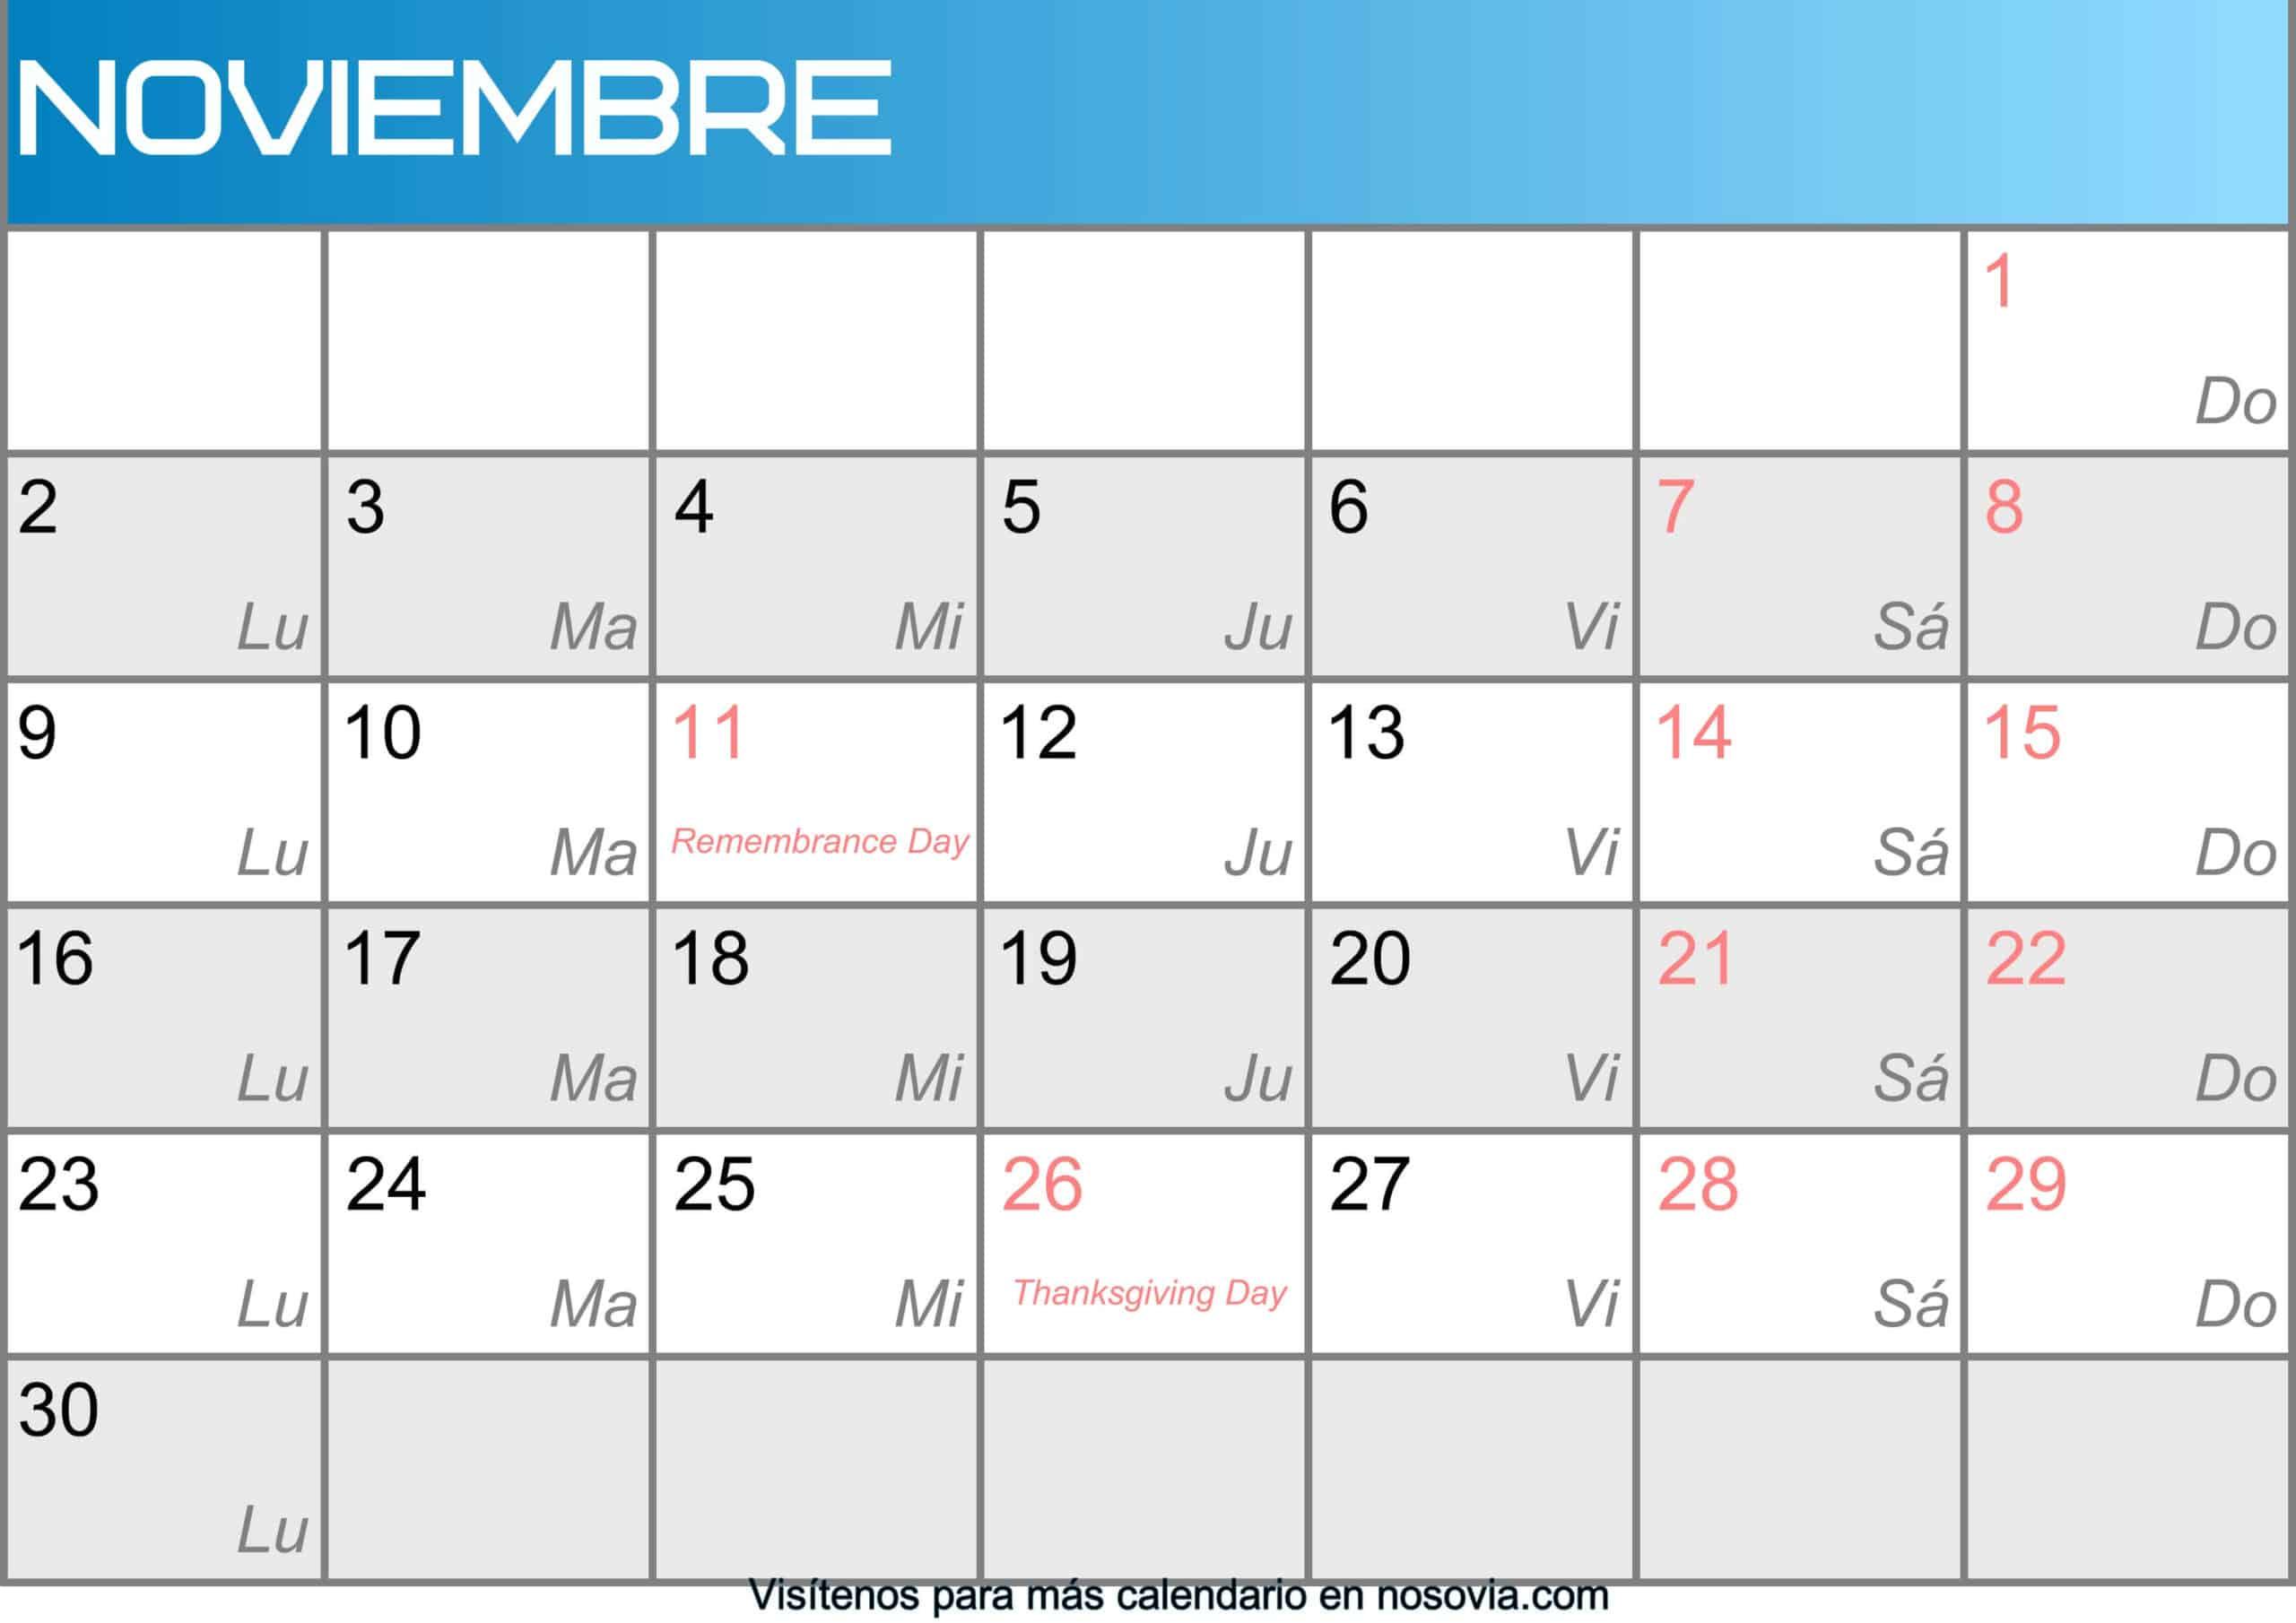 Calendario-noviembre-2020-Con-Festivos-Imágenes